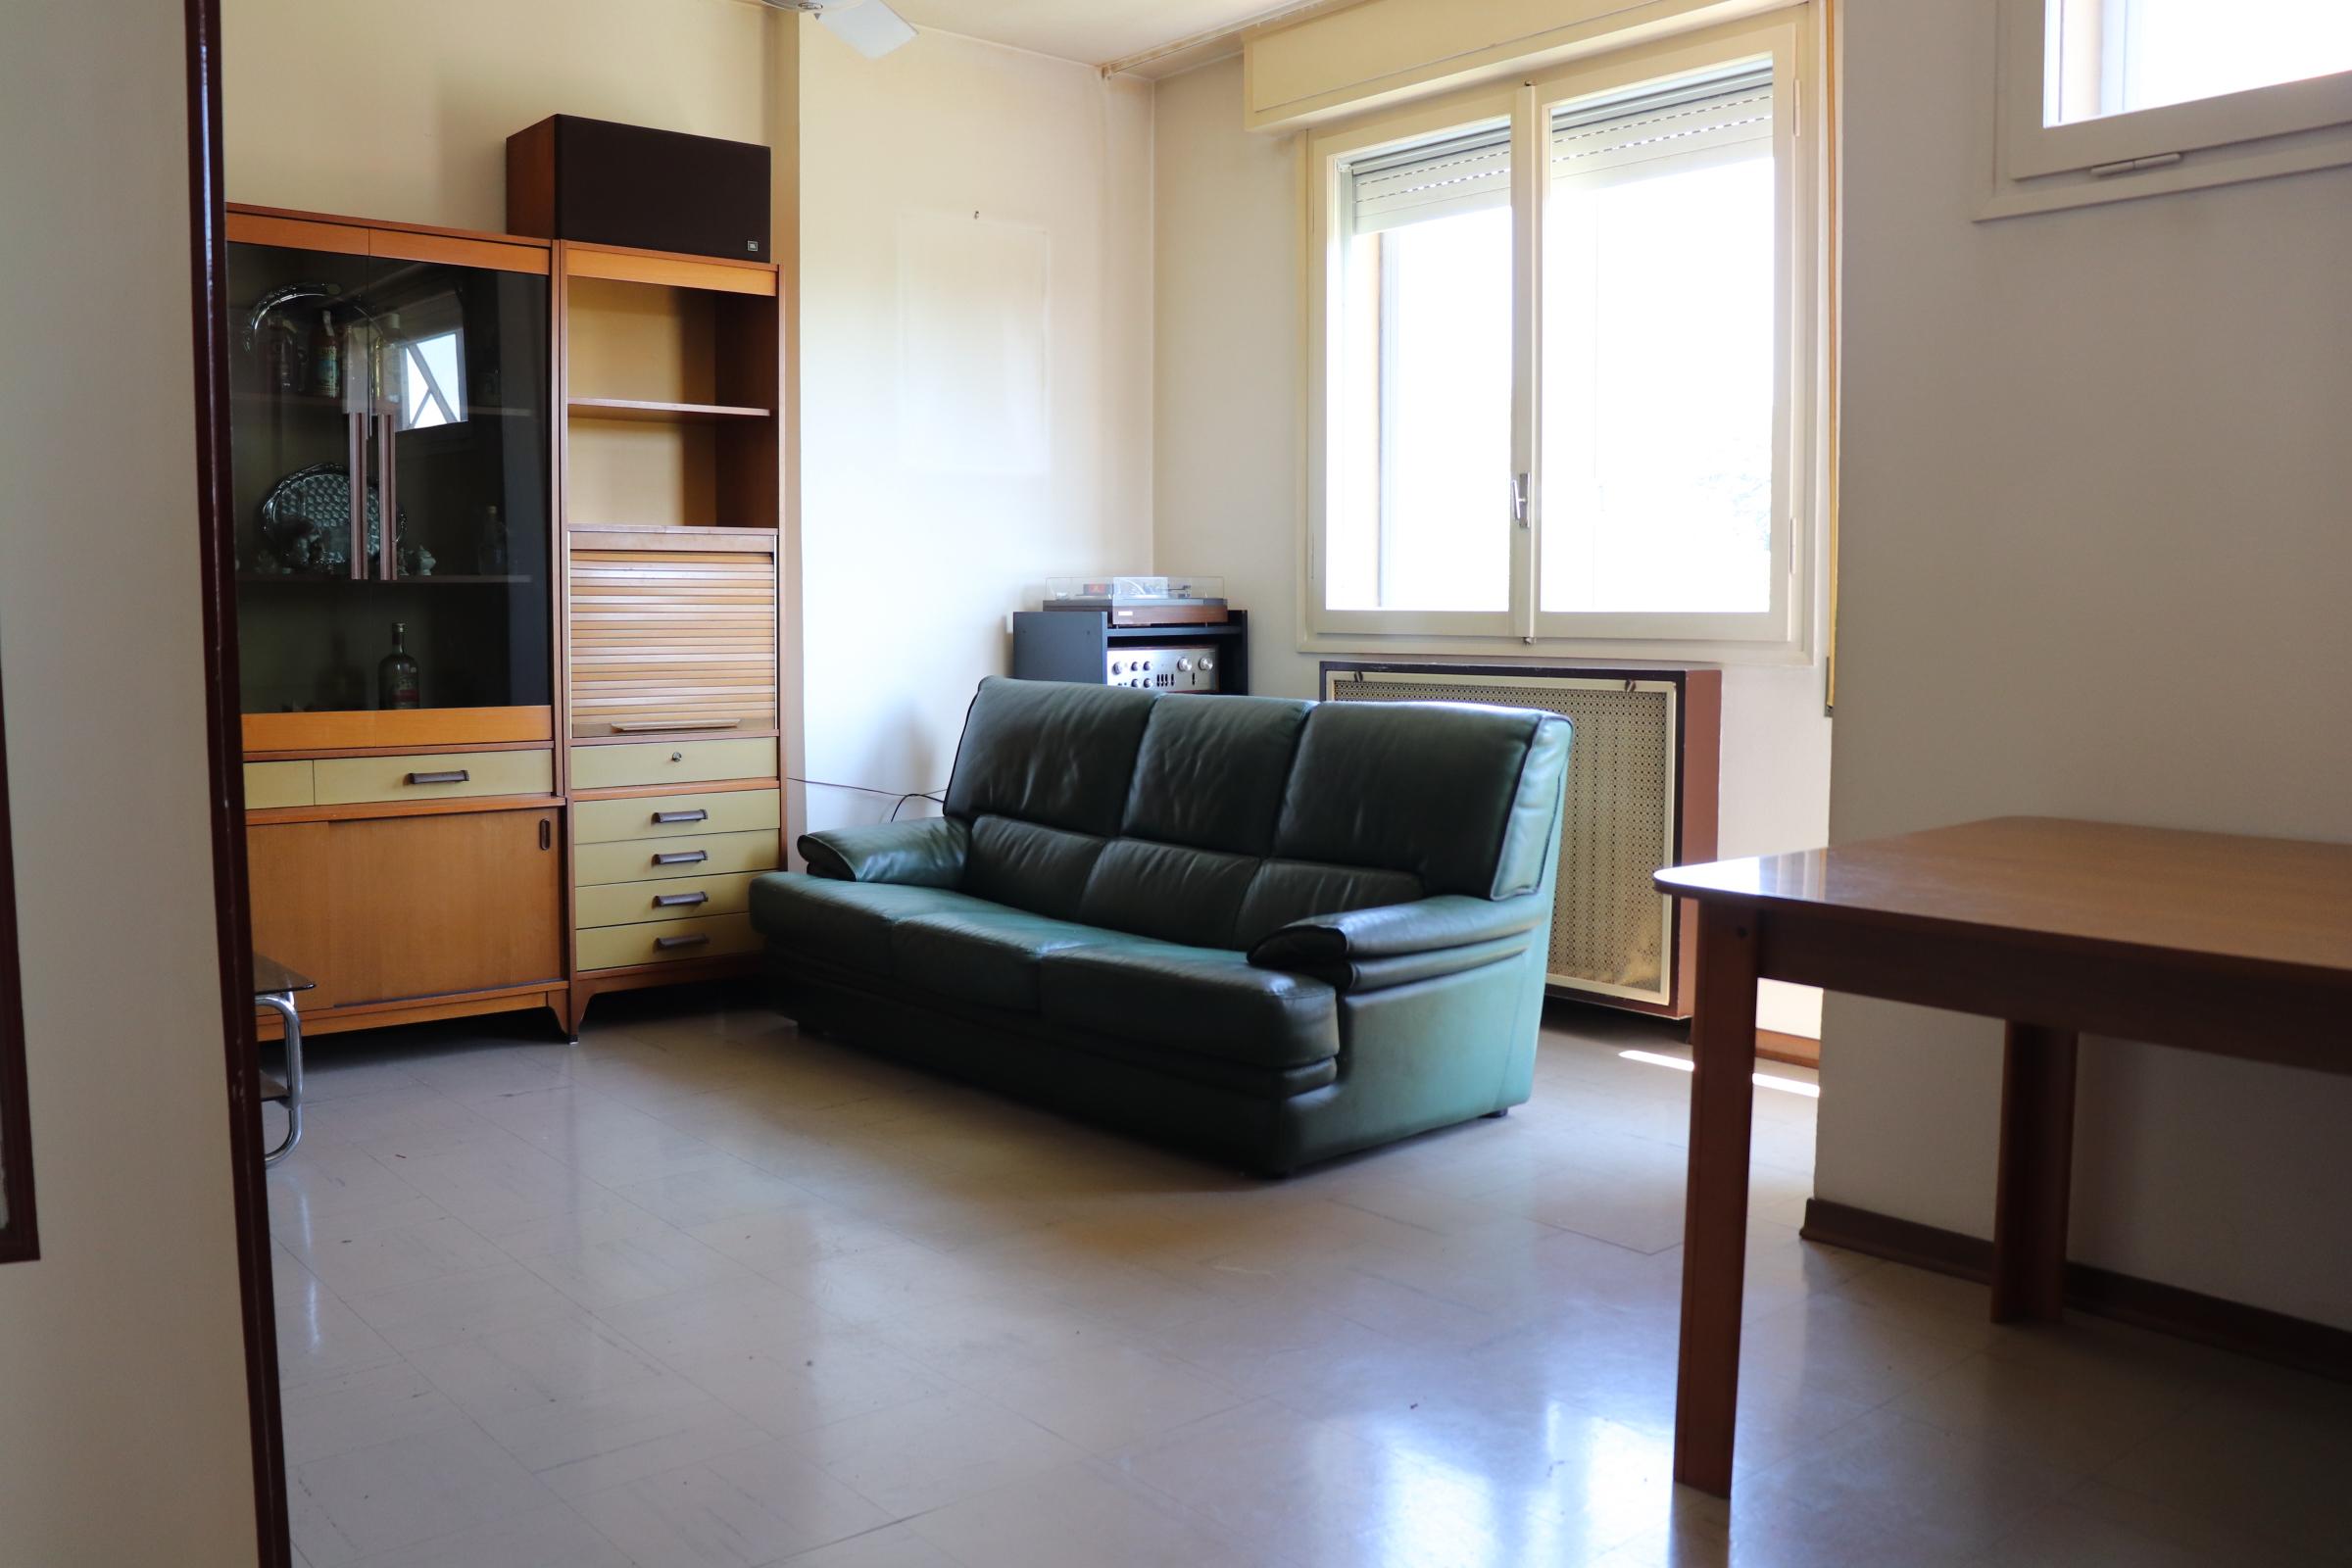 Appartamento con due camere da ristrutturare in vendita a Budrio